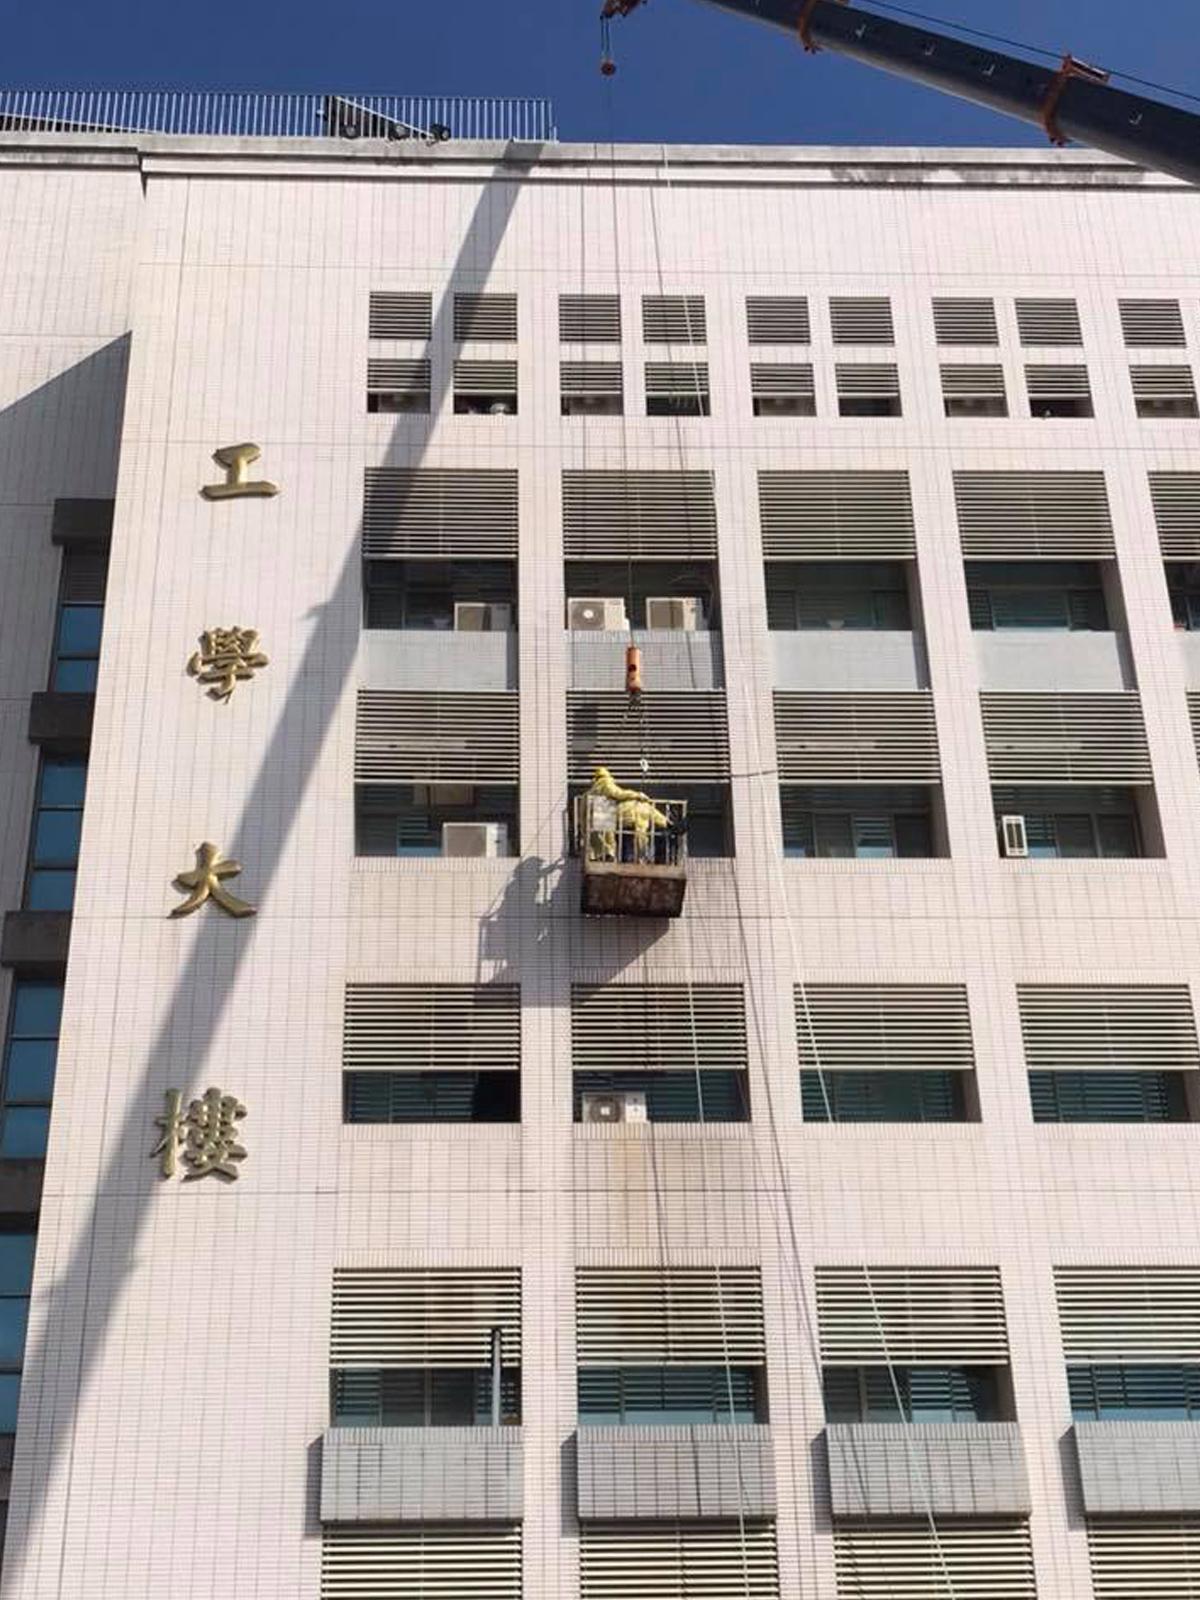 隱形鐵窗安裝,居家隱形鐵窗,隱形鐵窗工程